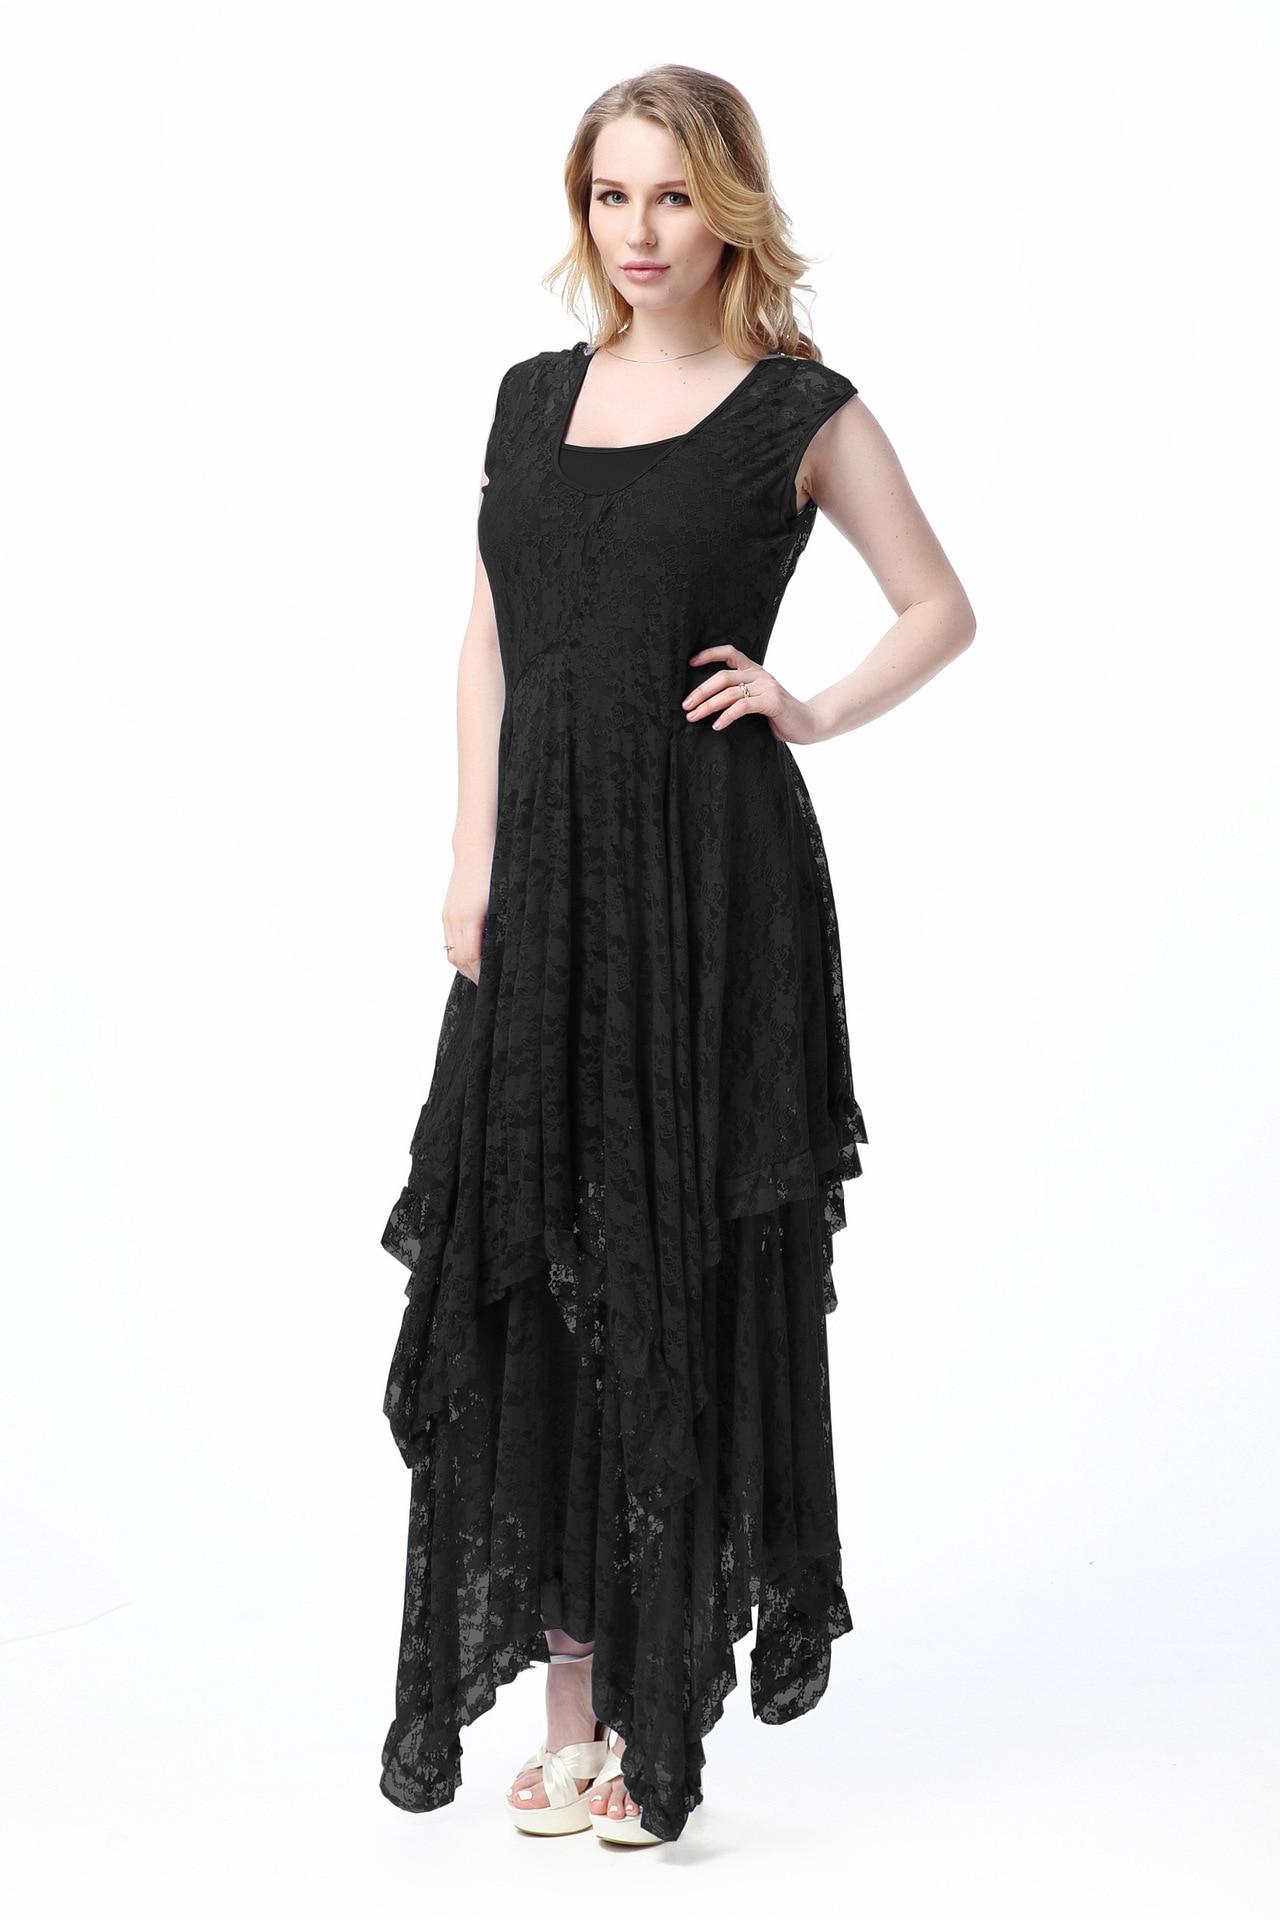 Sexy longue dentelle robe femmes robes 2019 été deux pièces ensemble grande taille 6XL 5XL 4XL bleu noir robe de soirée femme CM126